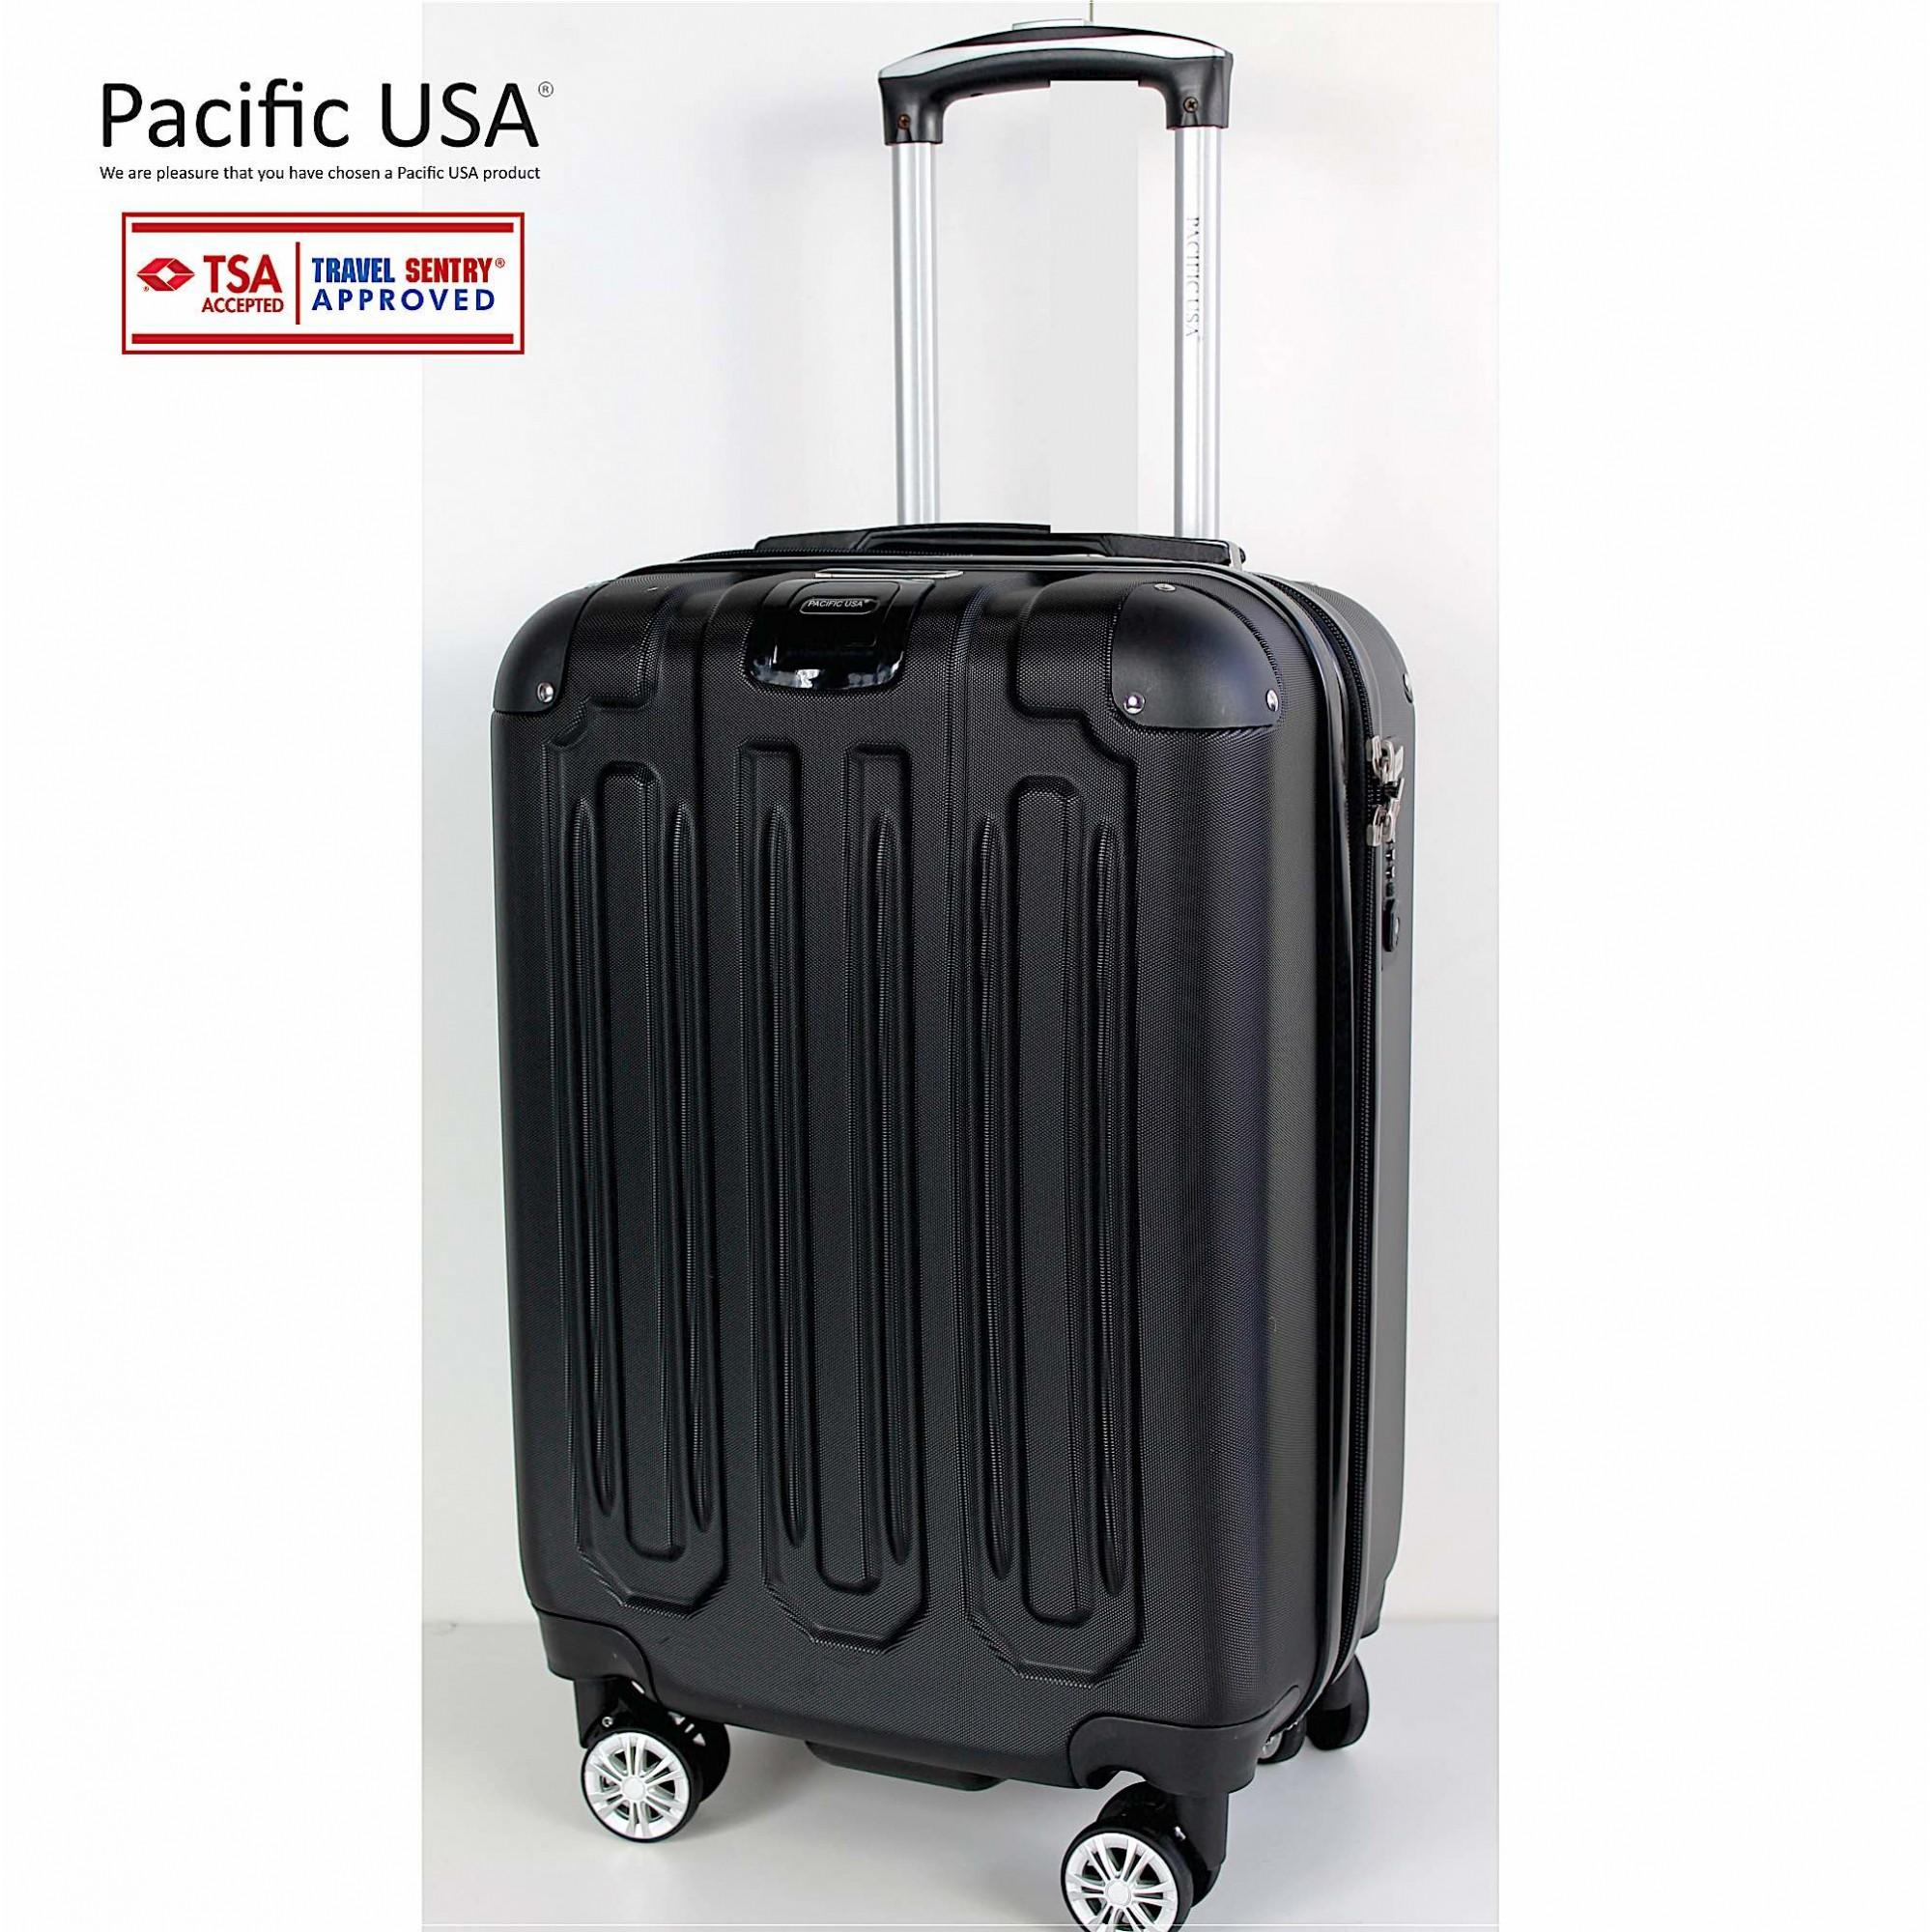 Mala Pequena - Pacific USA 8852 com Dupla Conexão USB